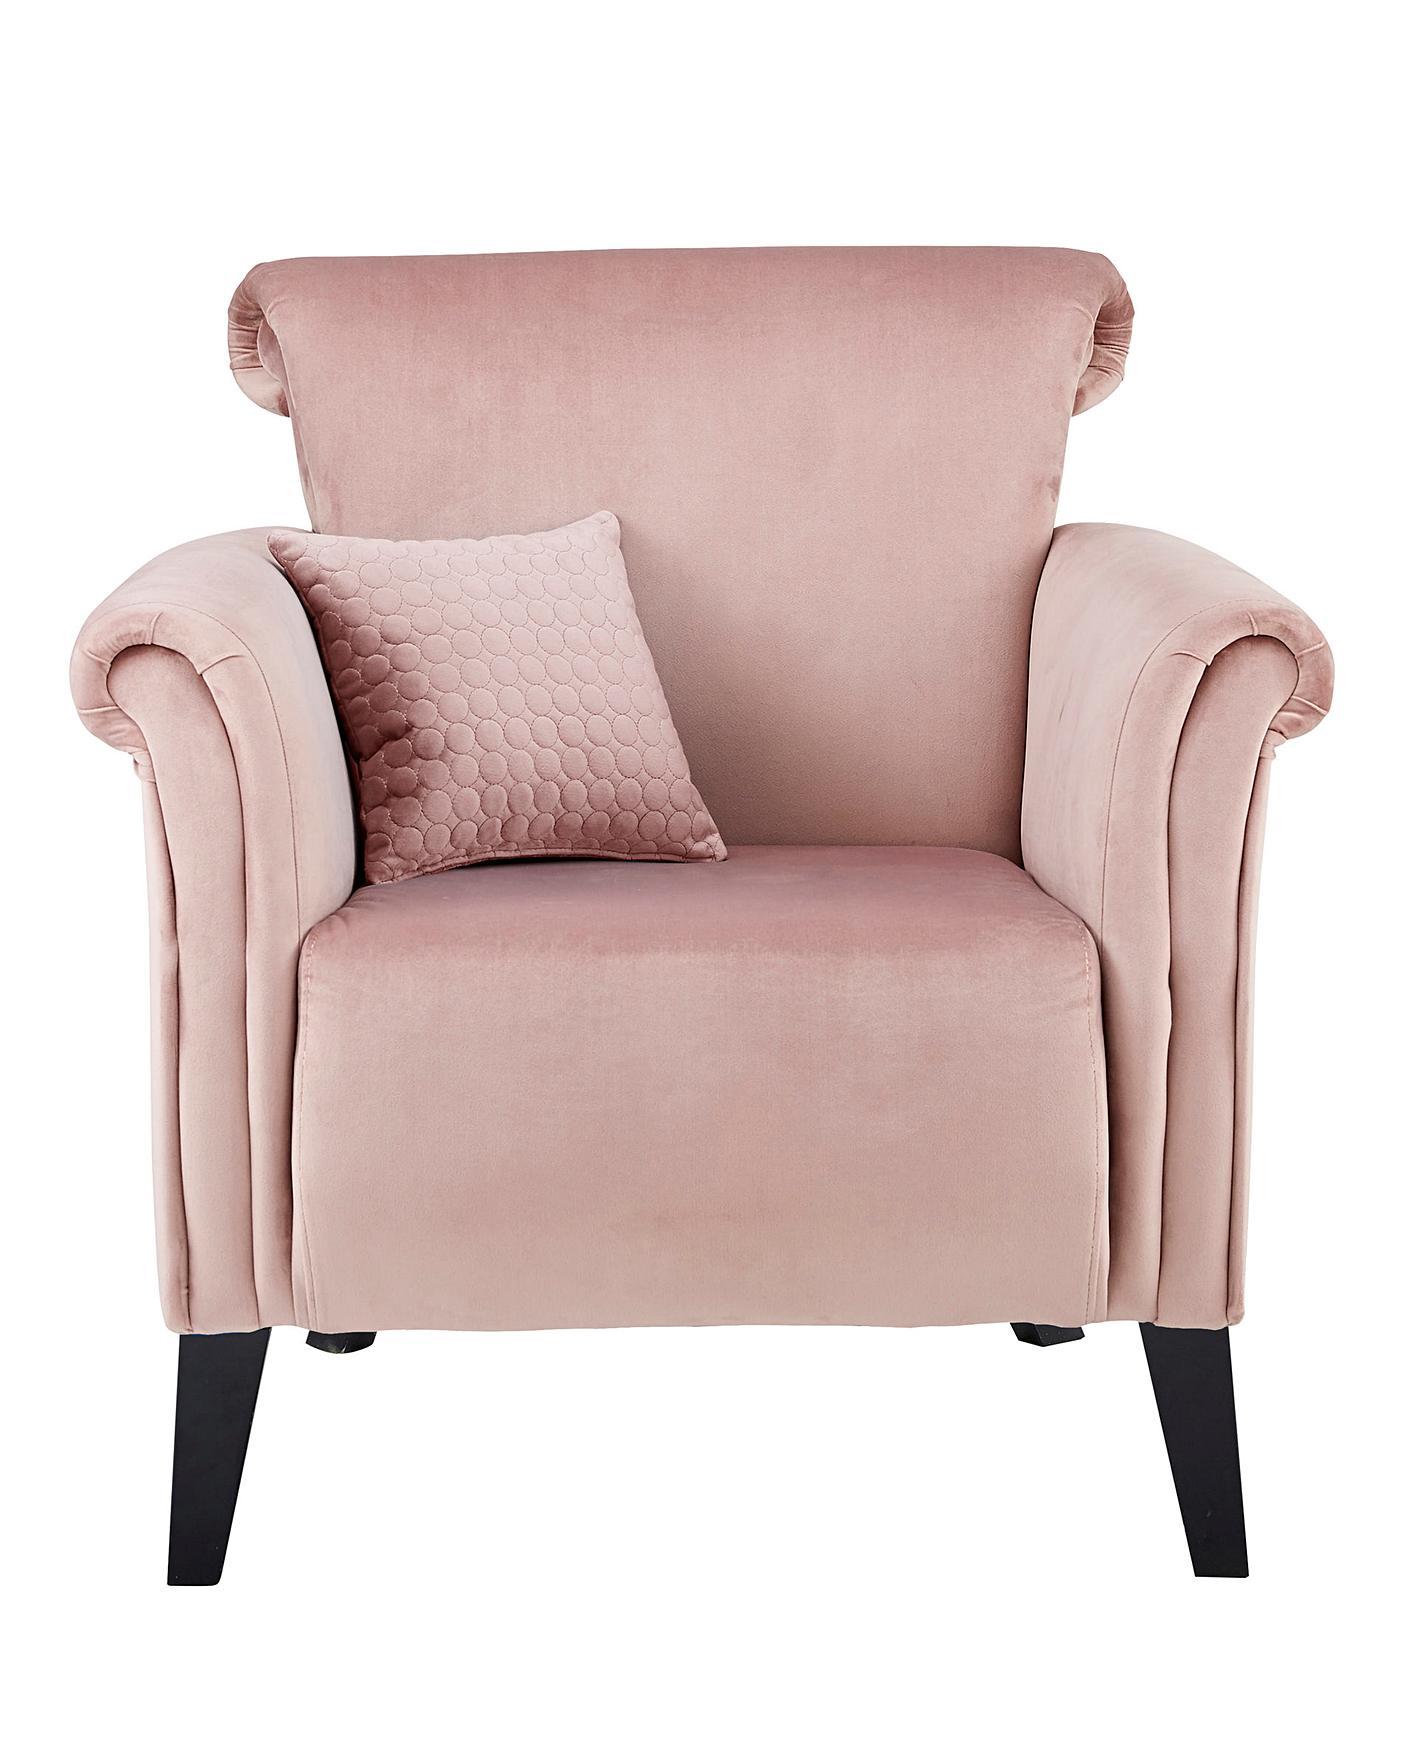 Wondrous Desire Accent Chair Squirreltailoven Fun Painted Chair Ideas Images Squirreltailovenorg